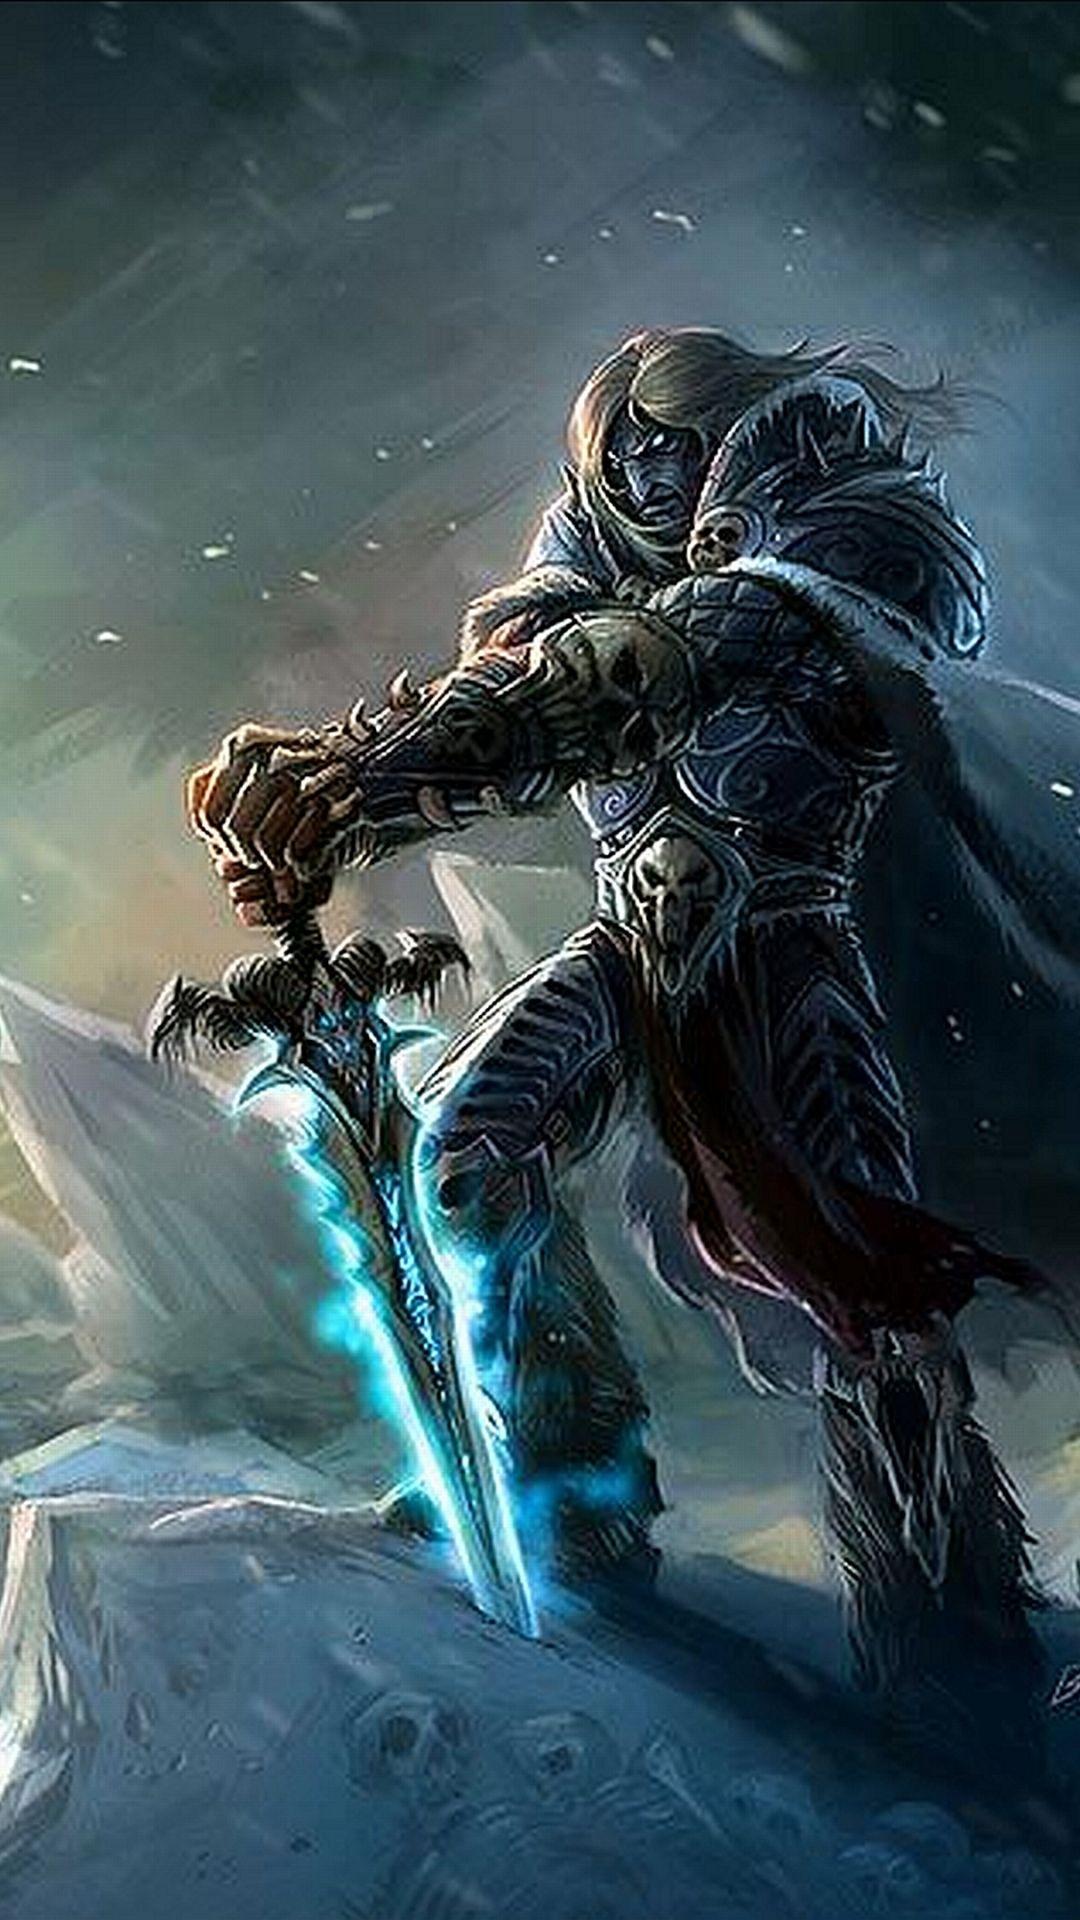 Dark Souls Abyss Watchers Wallpaper Ios In 2020 World Of Warcraft Wallpaper Dark Souls Warcraft Movie